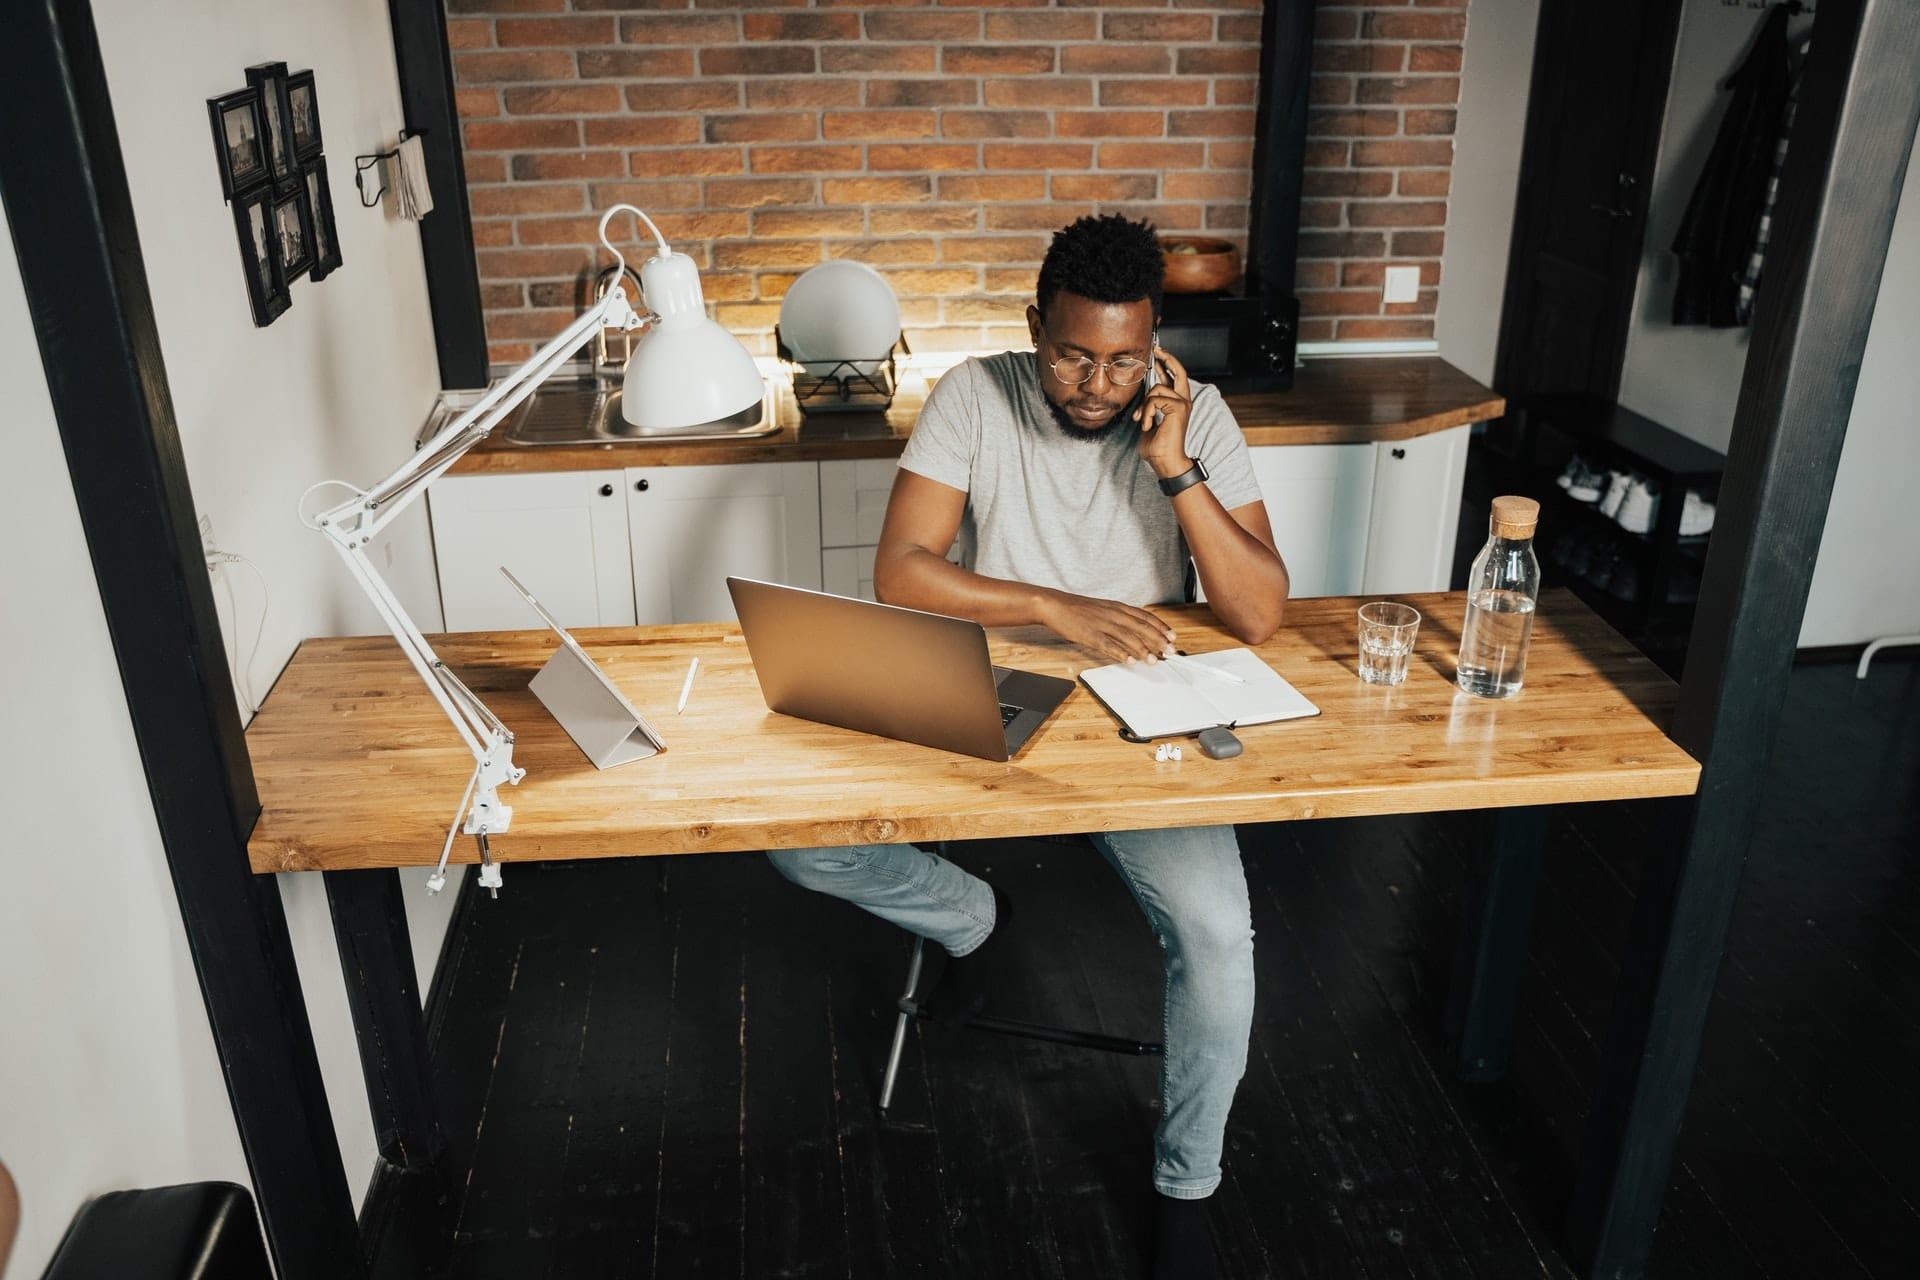 Entwicklungswerkstatt New Normal: Flexible Arbeit und Arbeit mit Abstand, CODE_n, Startup, Innovation, Industrie 4.0